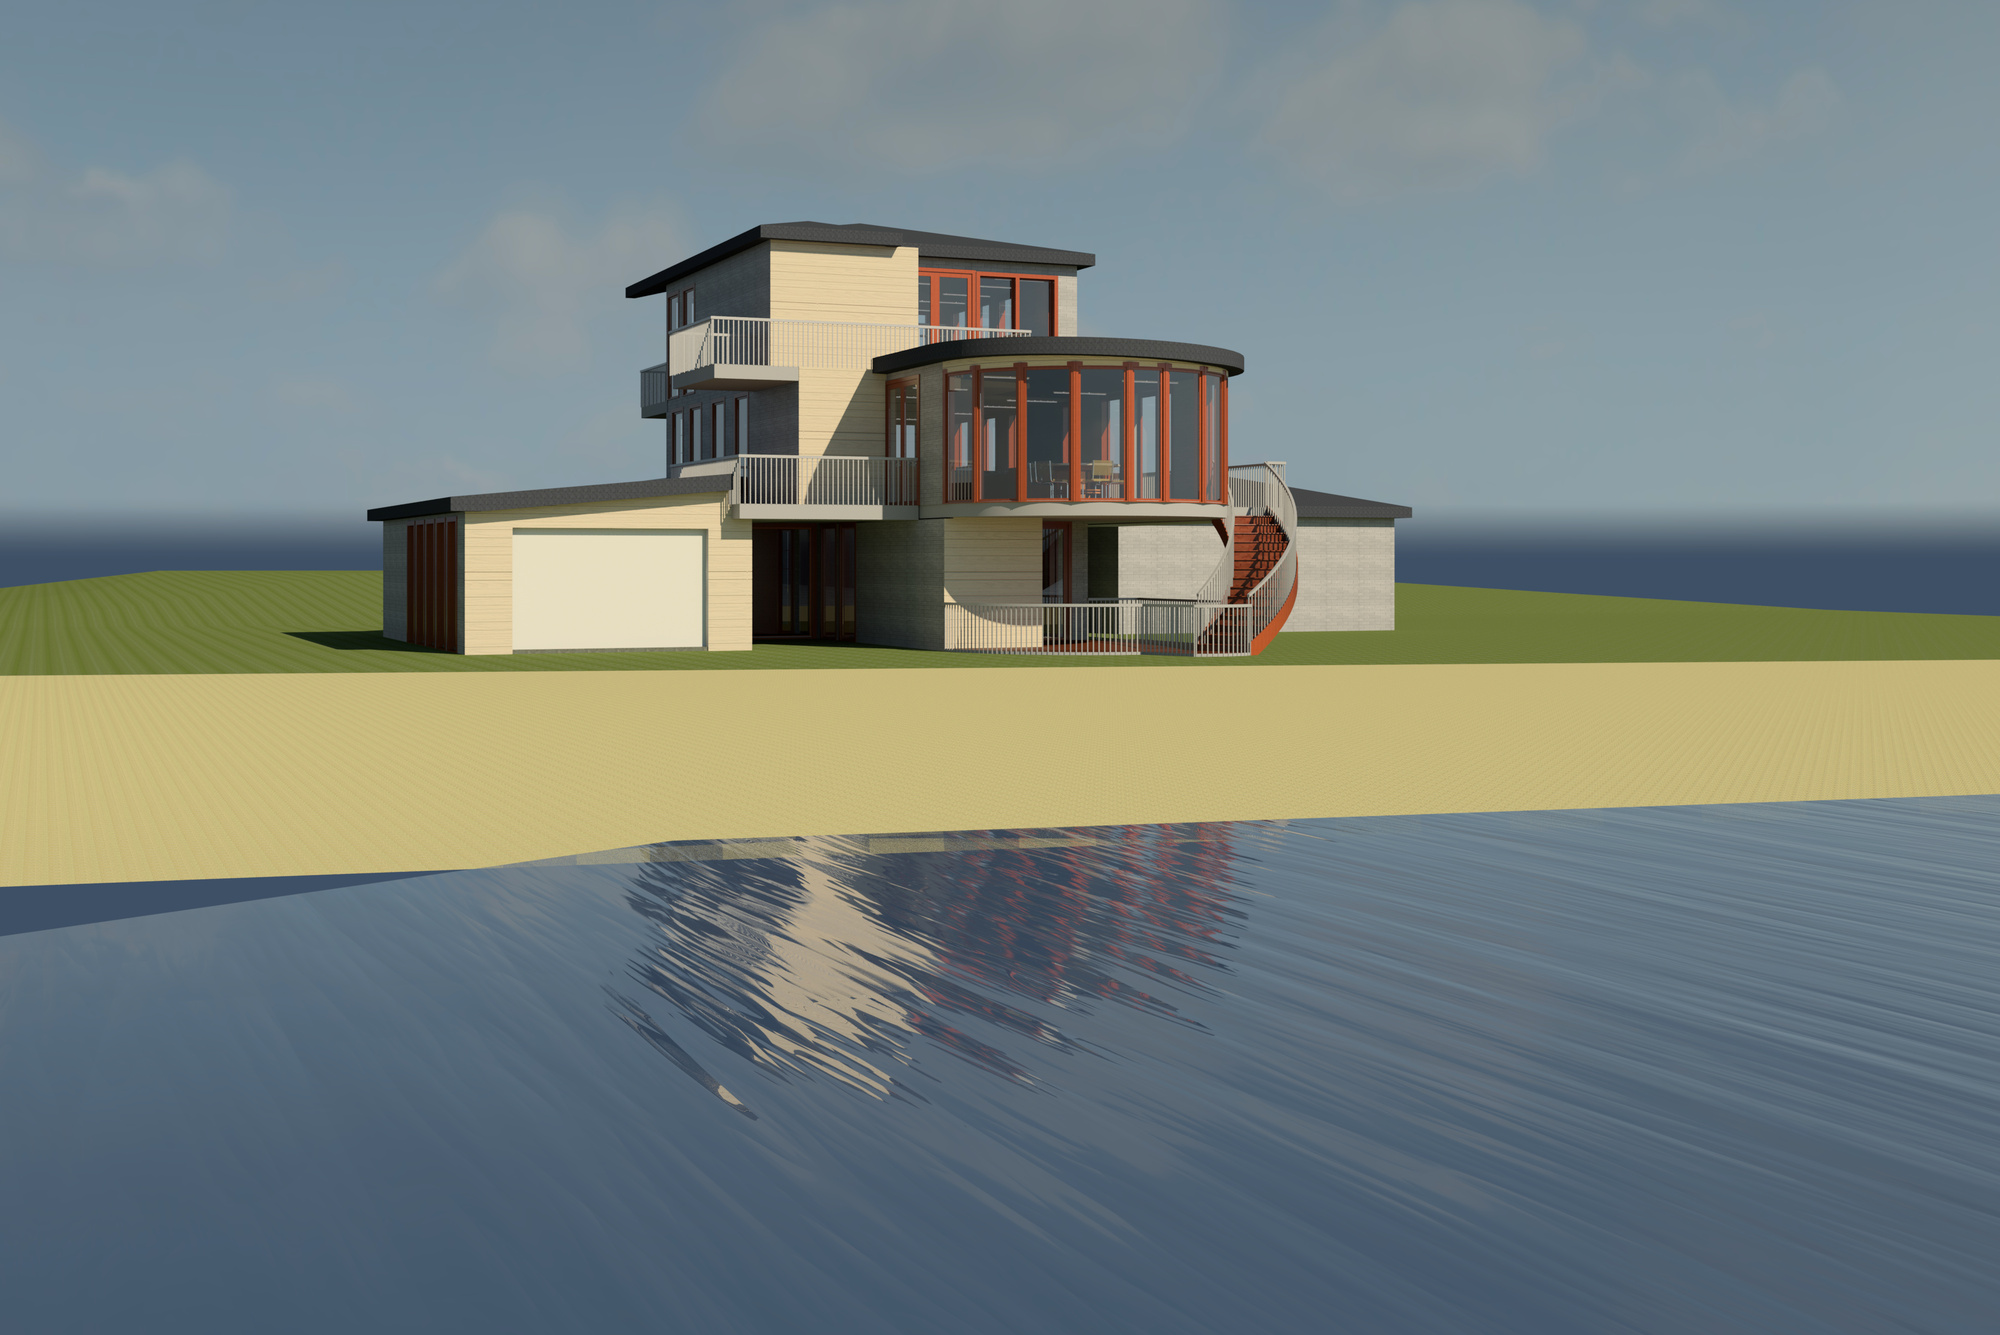 Raas-rendering20150522-4339-1czs0ib